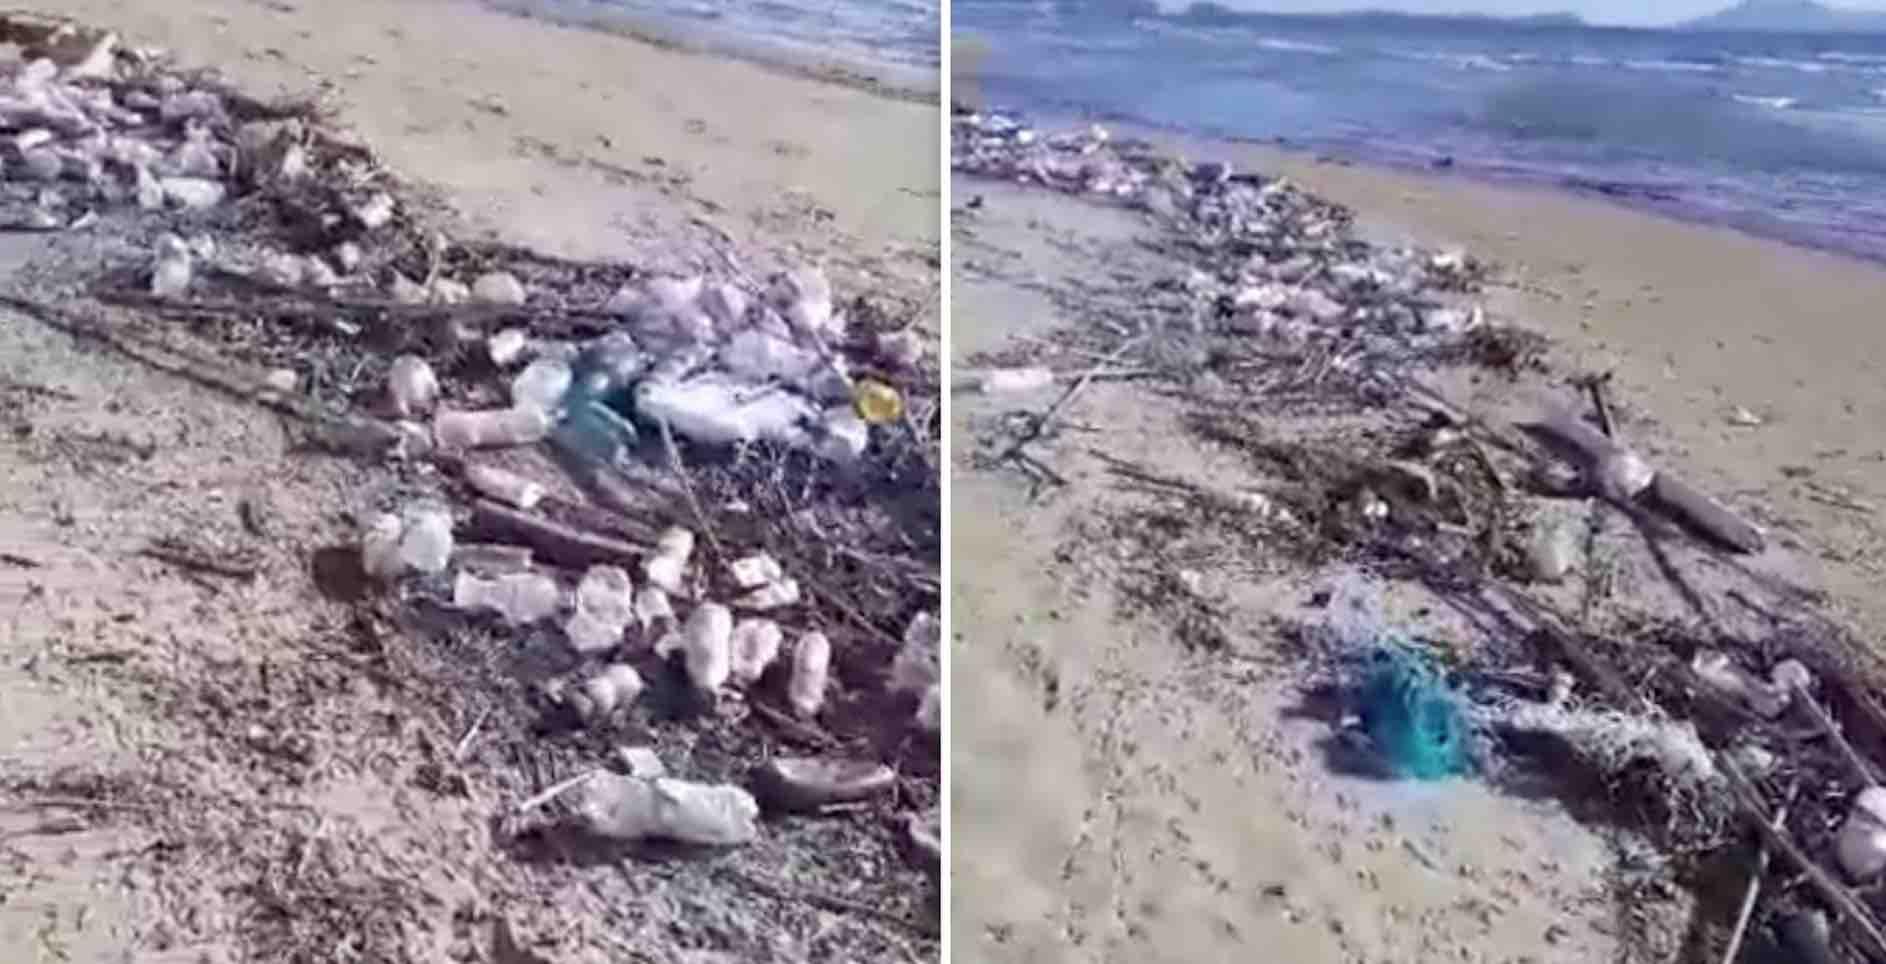 Licola spiaggia discarica